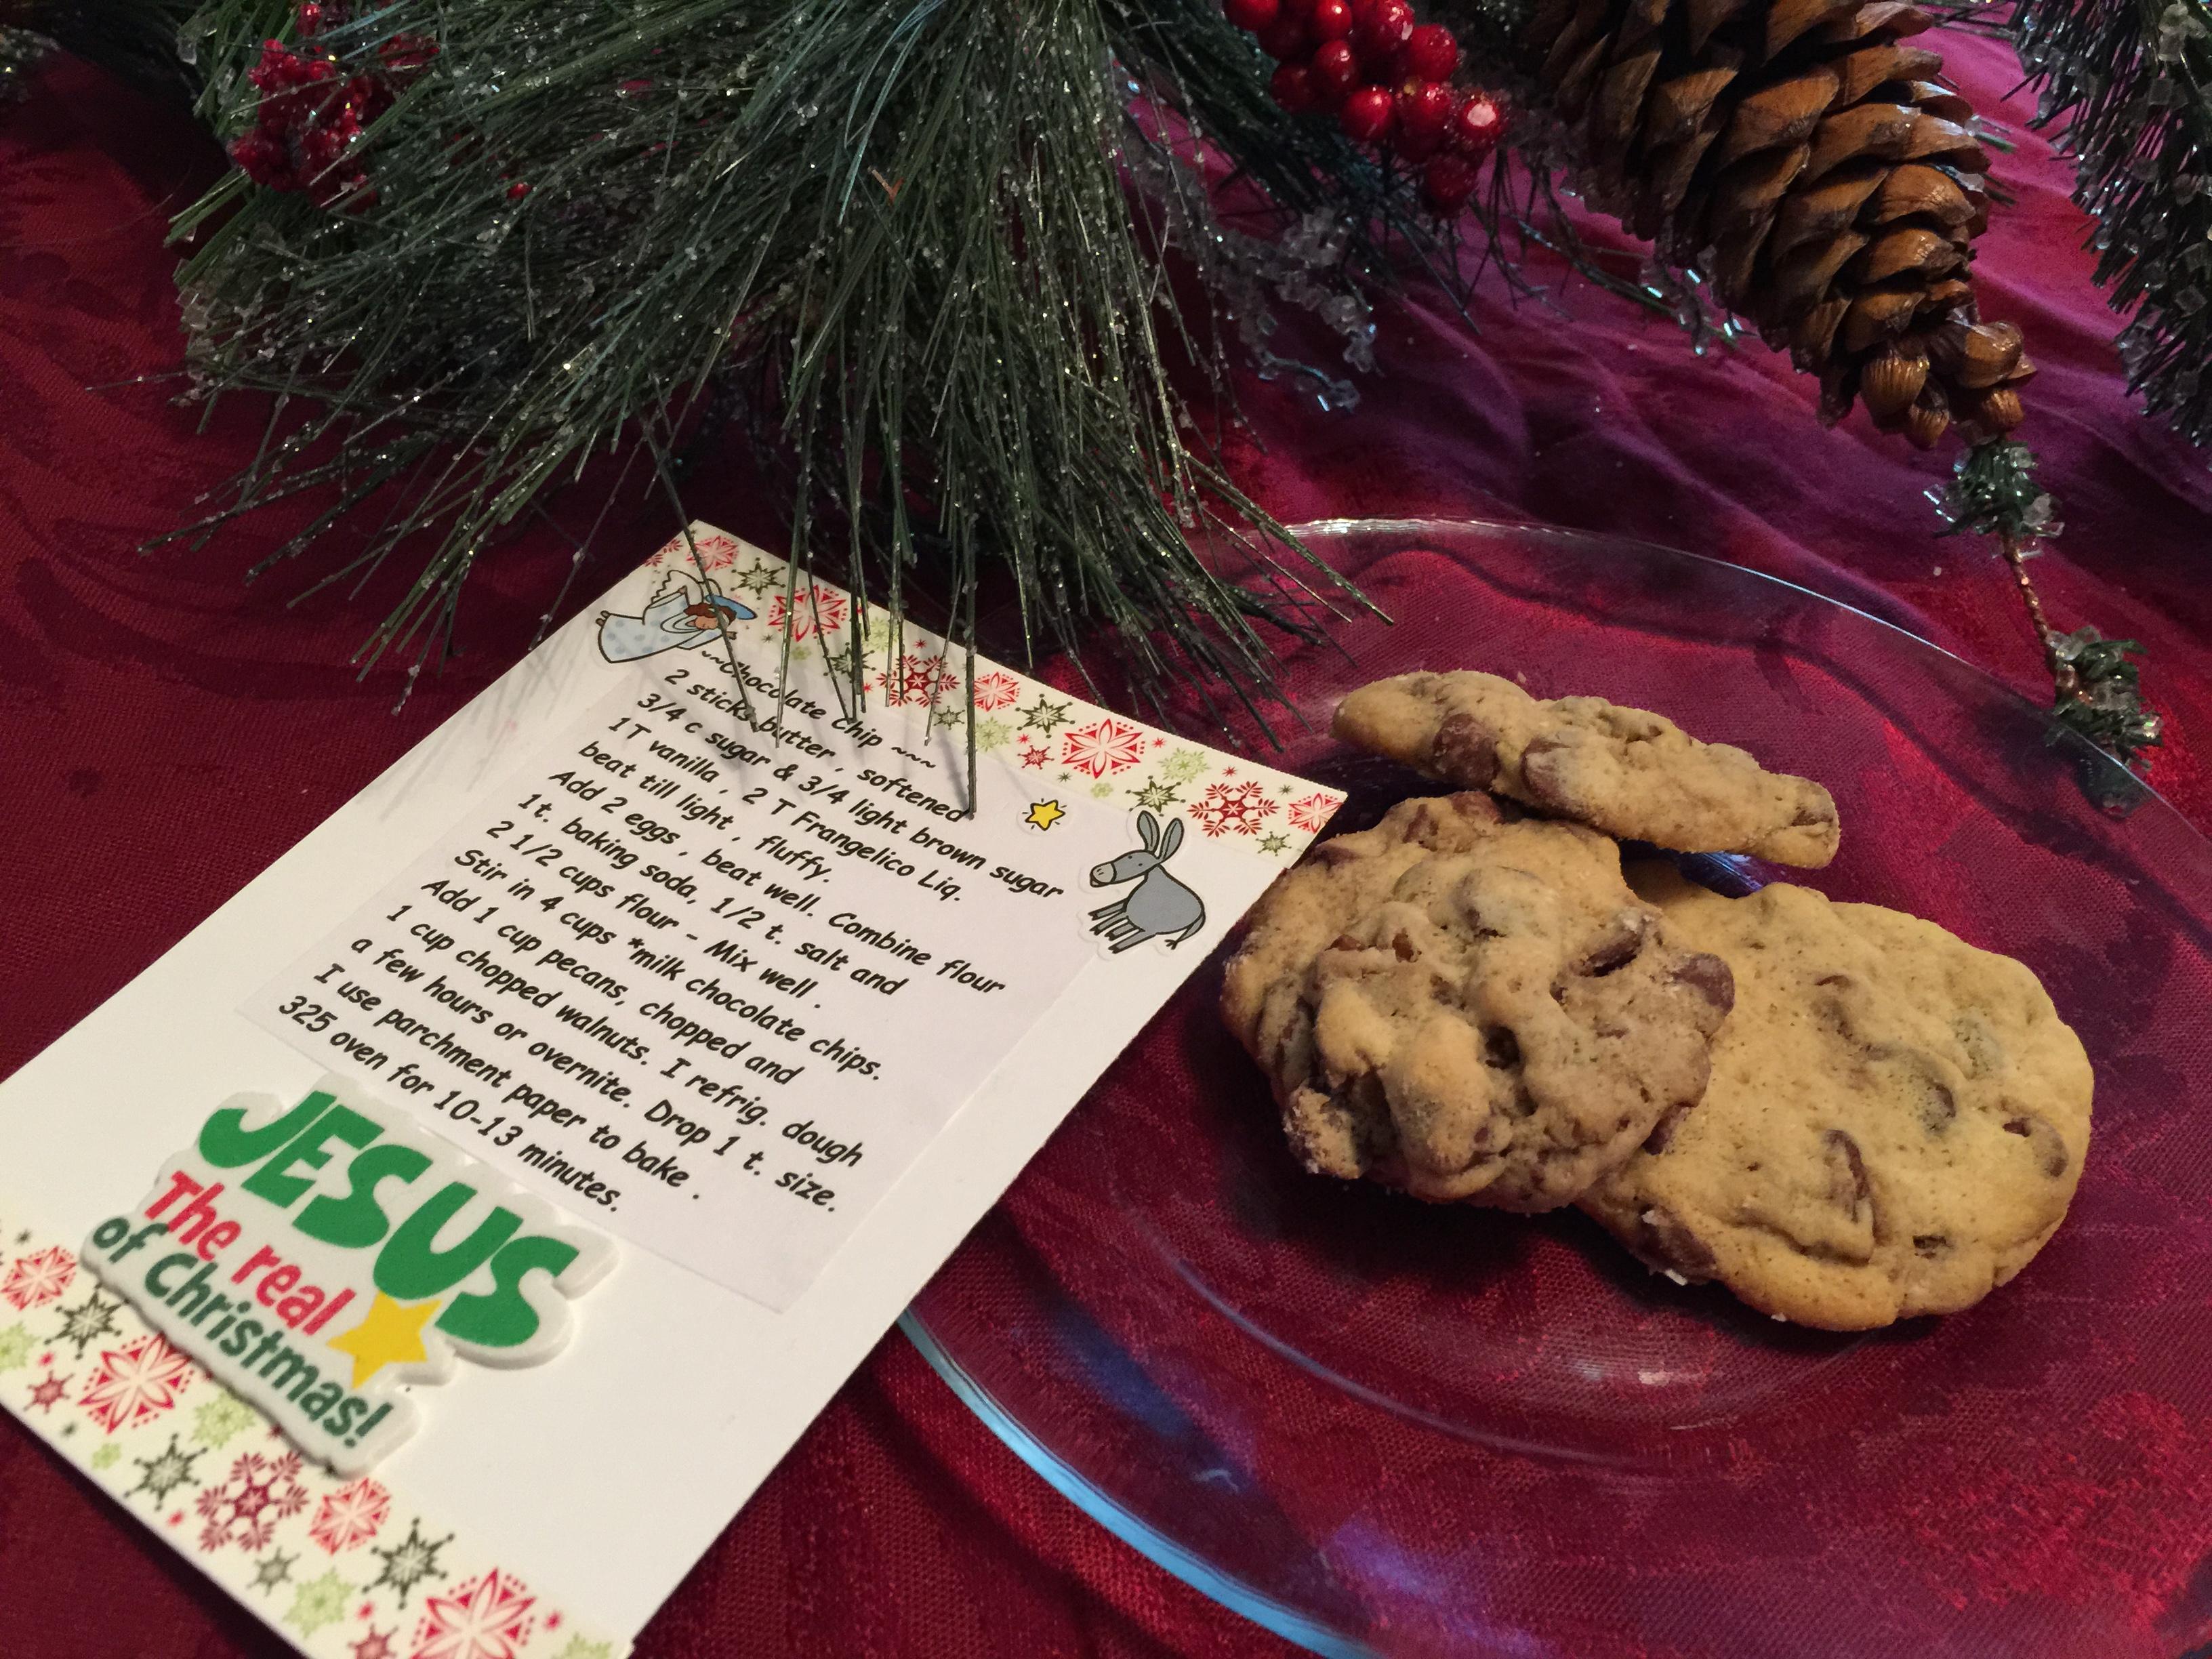 Aunt Joyce's Cookies